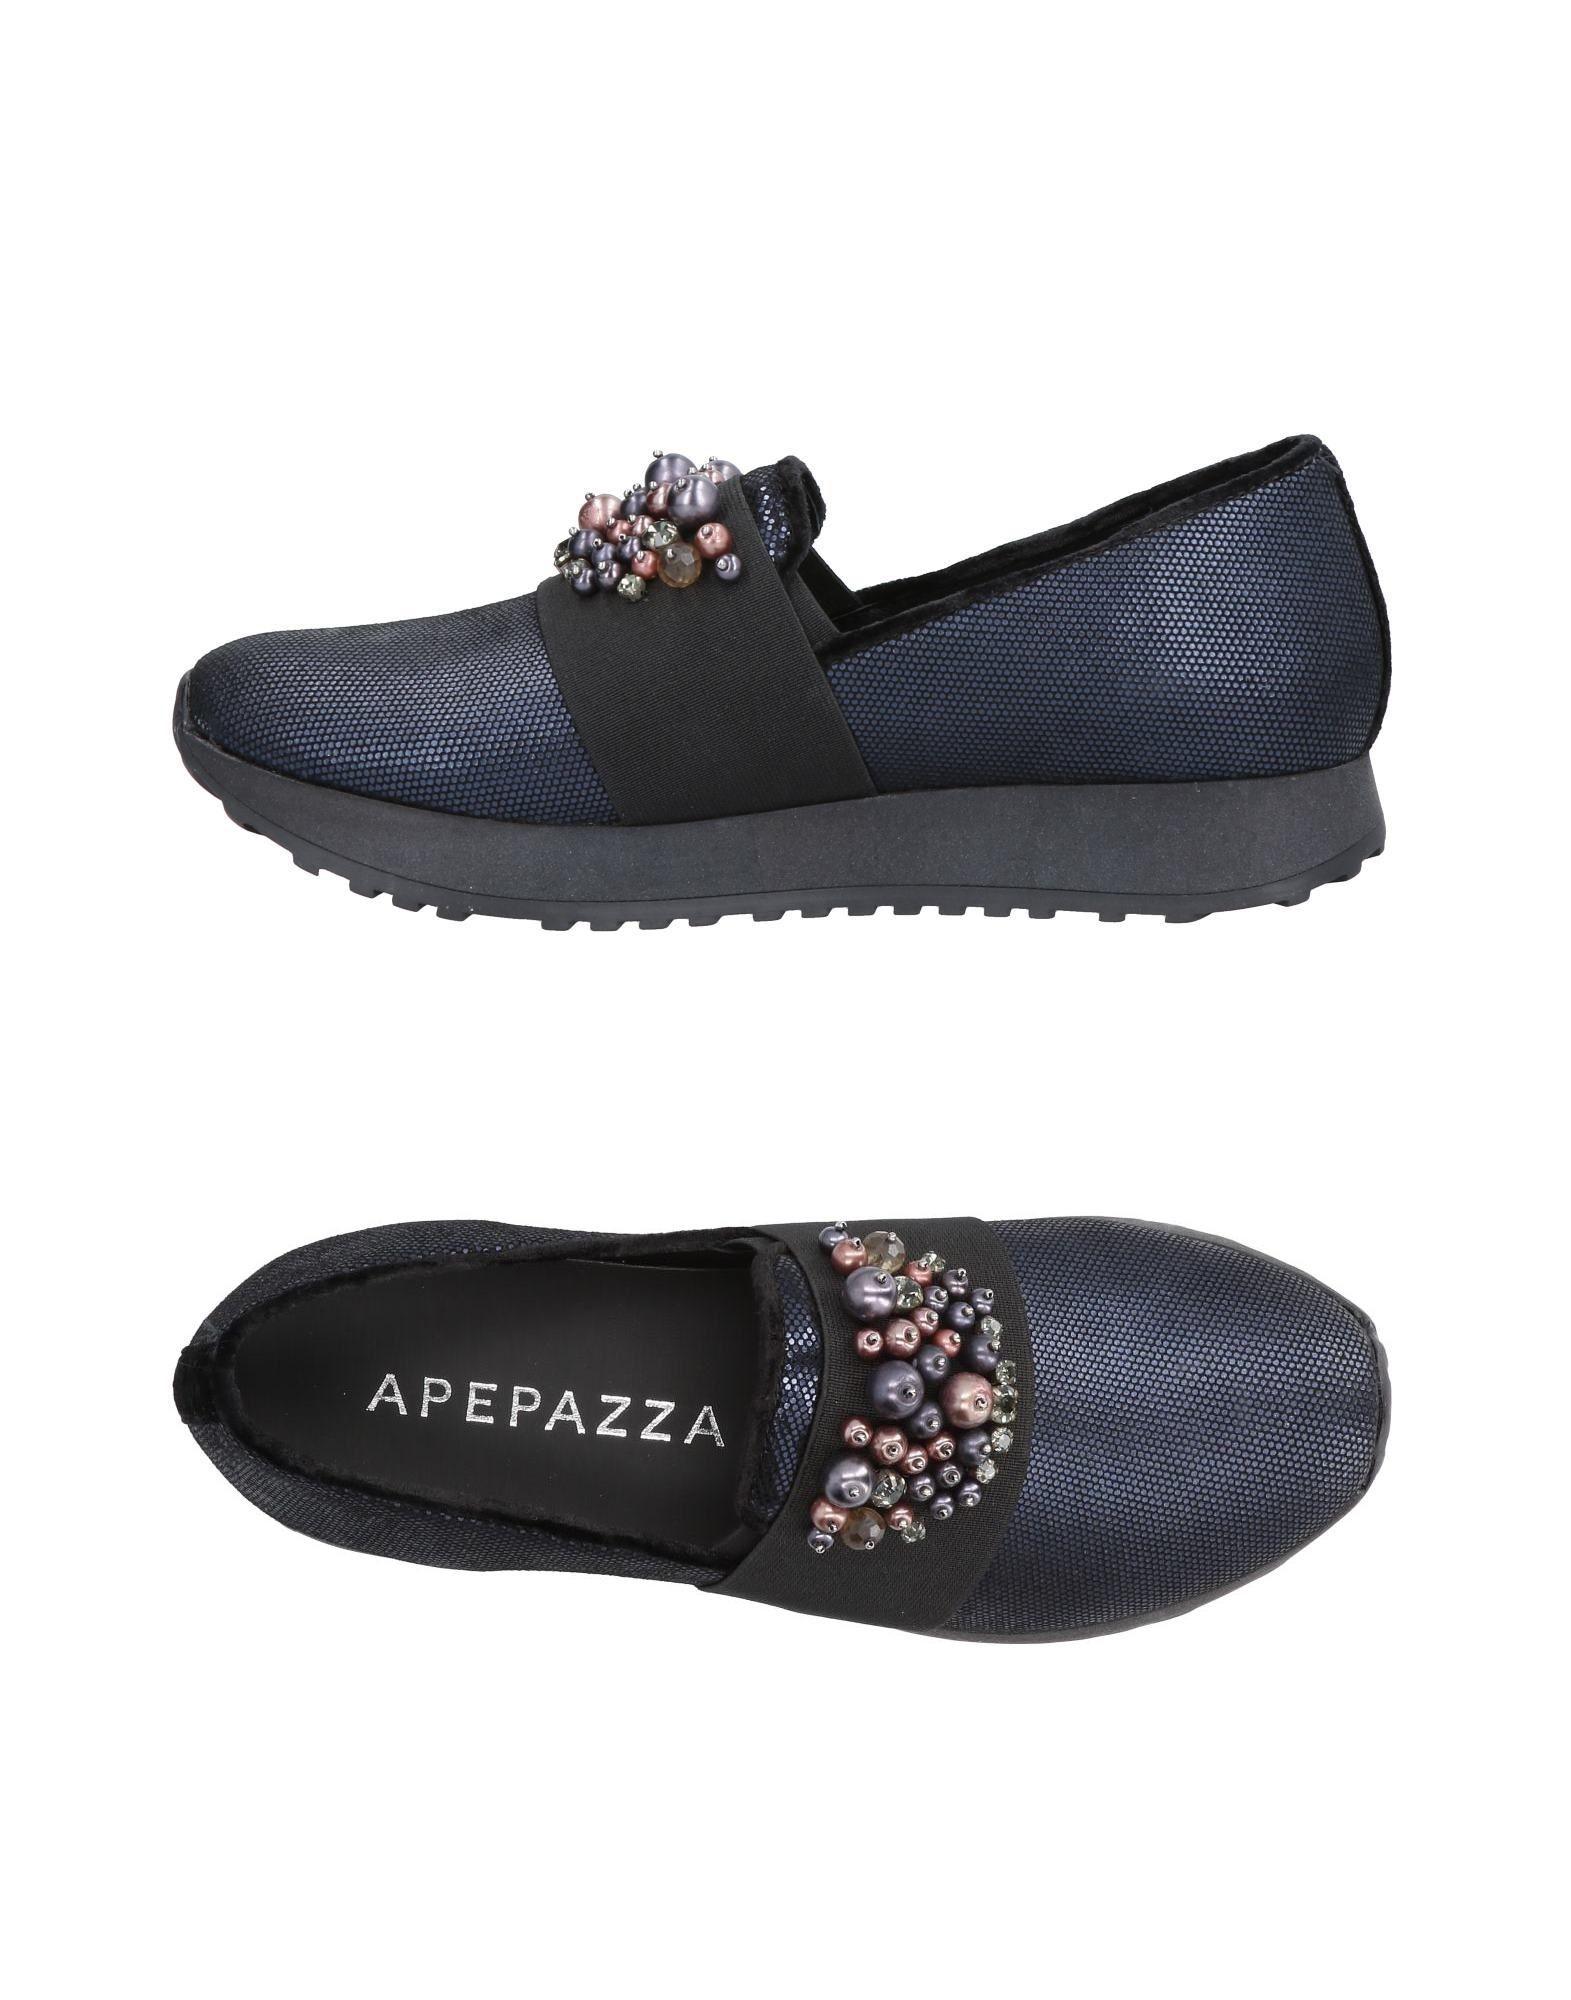 Apepazza Loafers Loafers - Women Apepazza Loafers Apepazza online on  Canada - 11474717JU 913e64